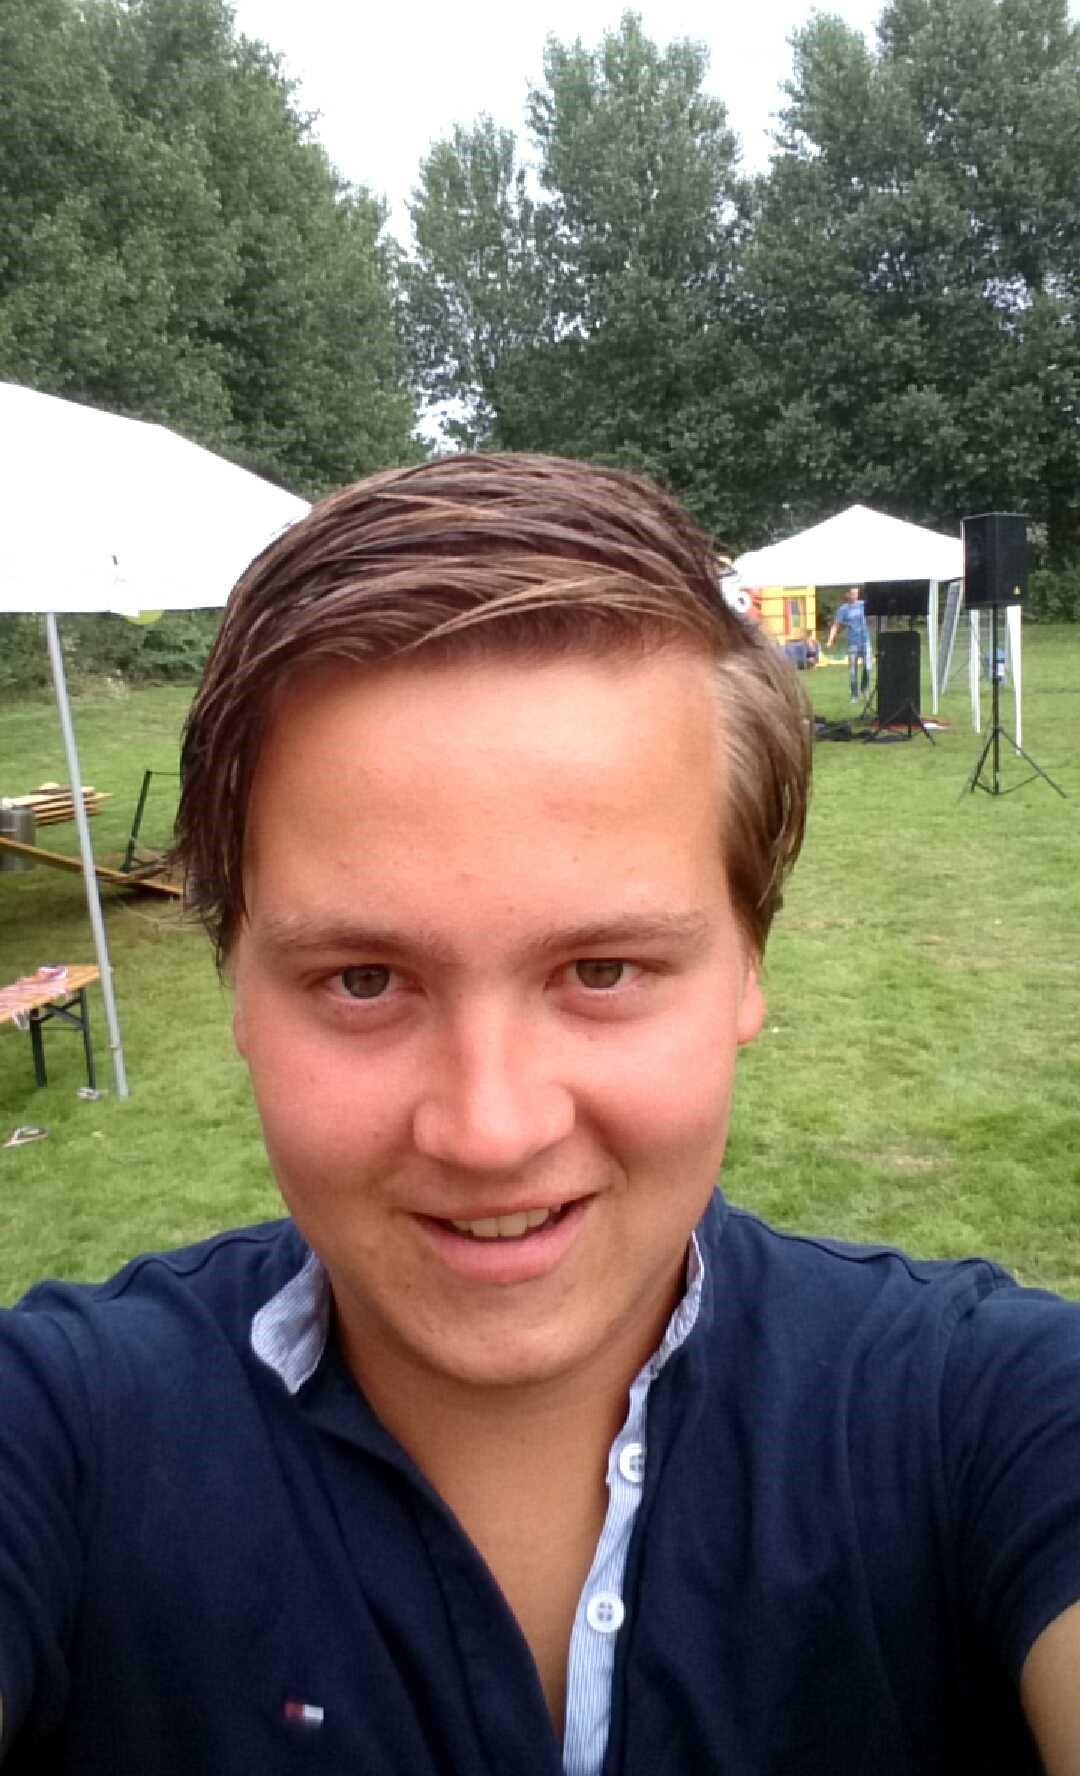 Thijs Visser